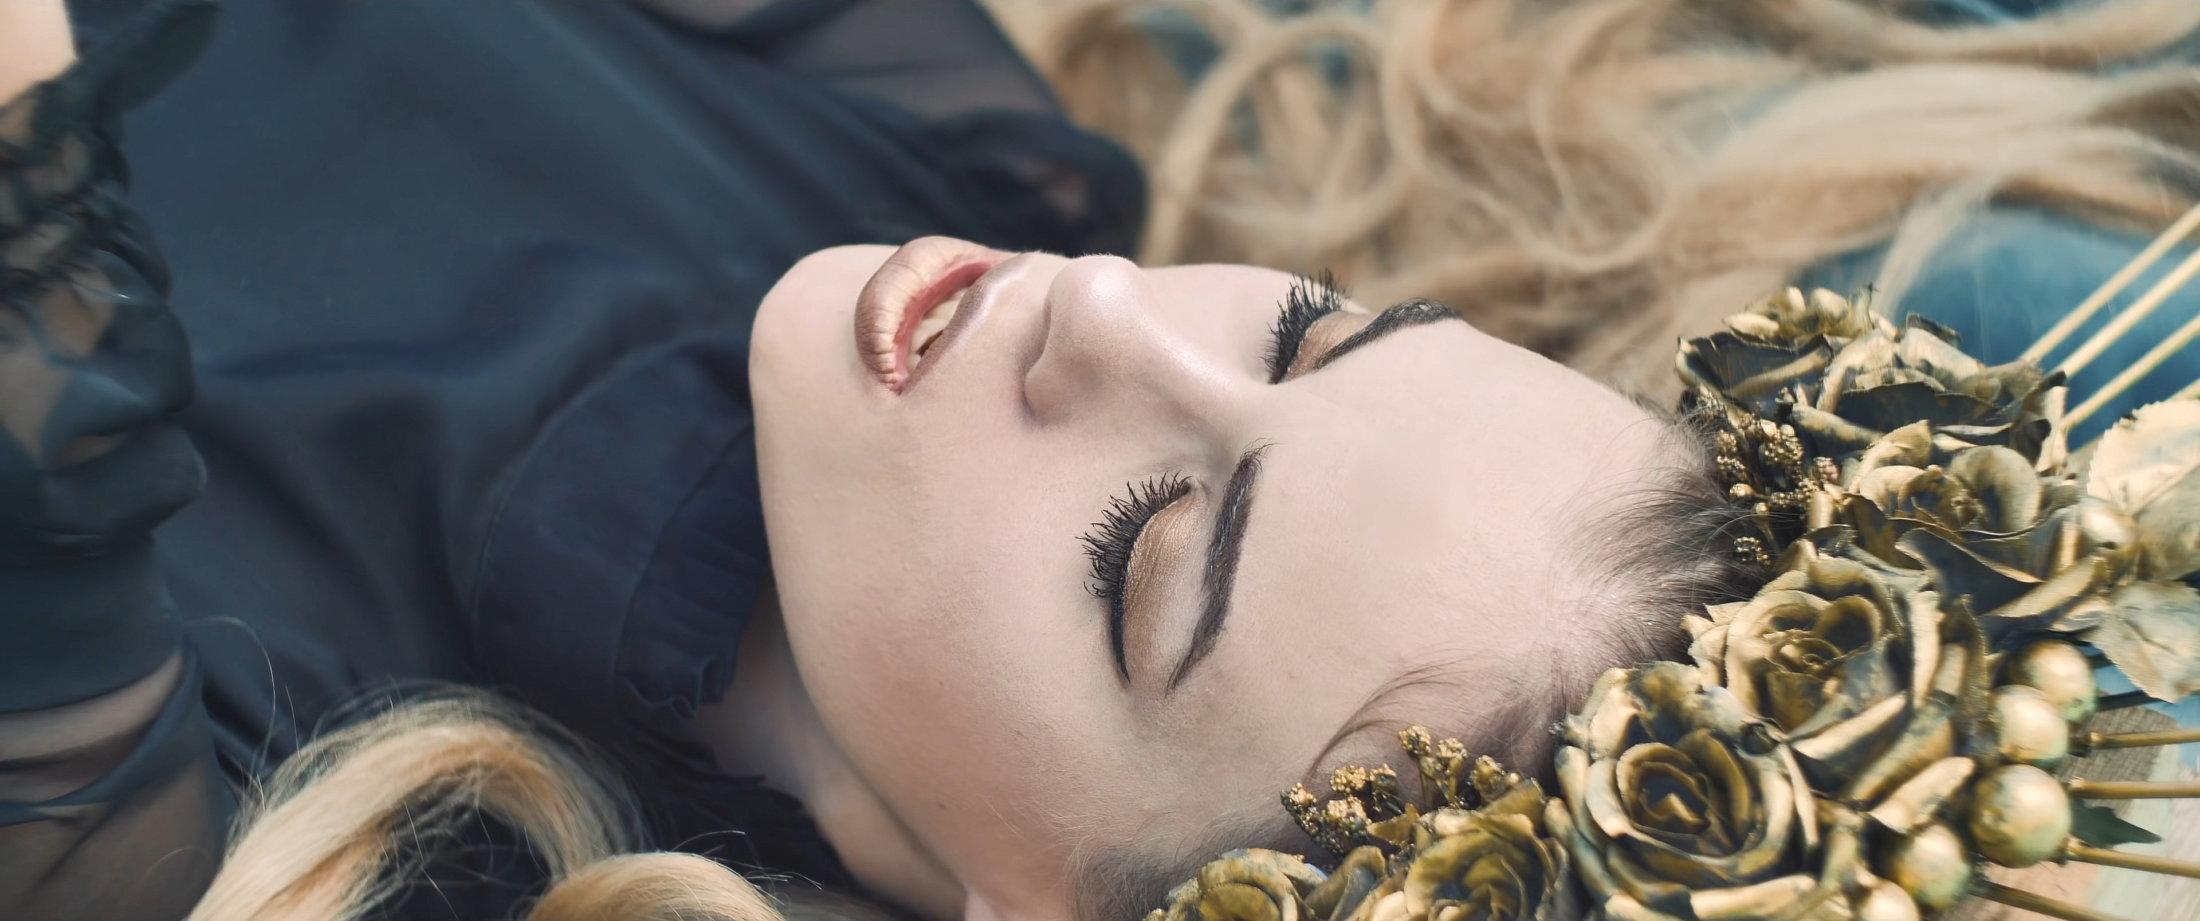 OMNIMAR - Feels Like Velvet (Official Video) 2-47 Screenshot (1)